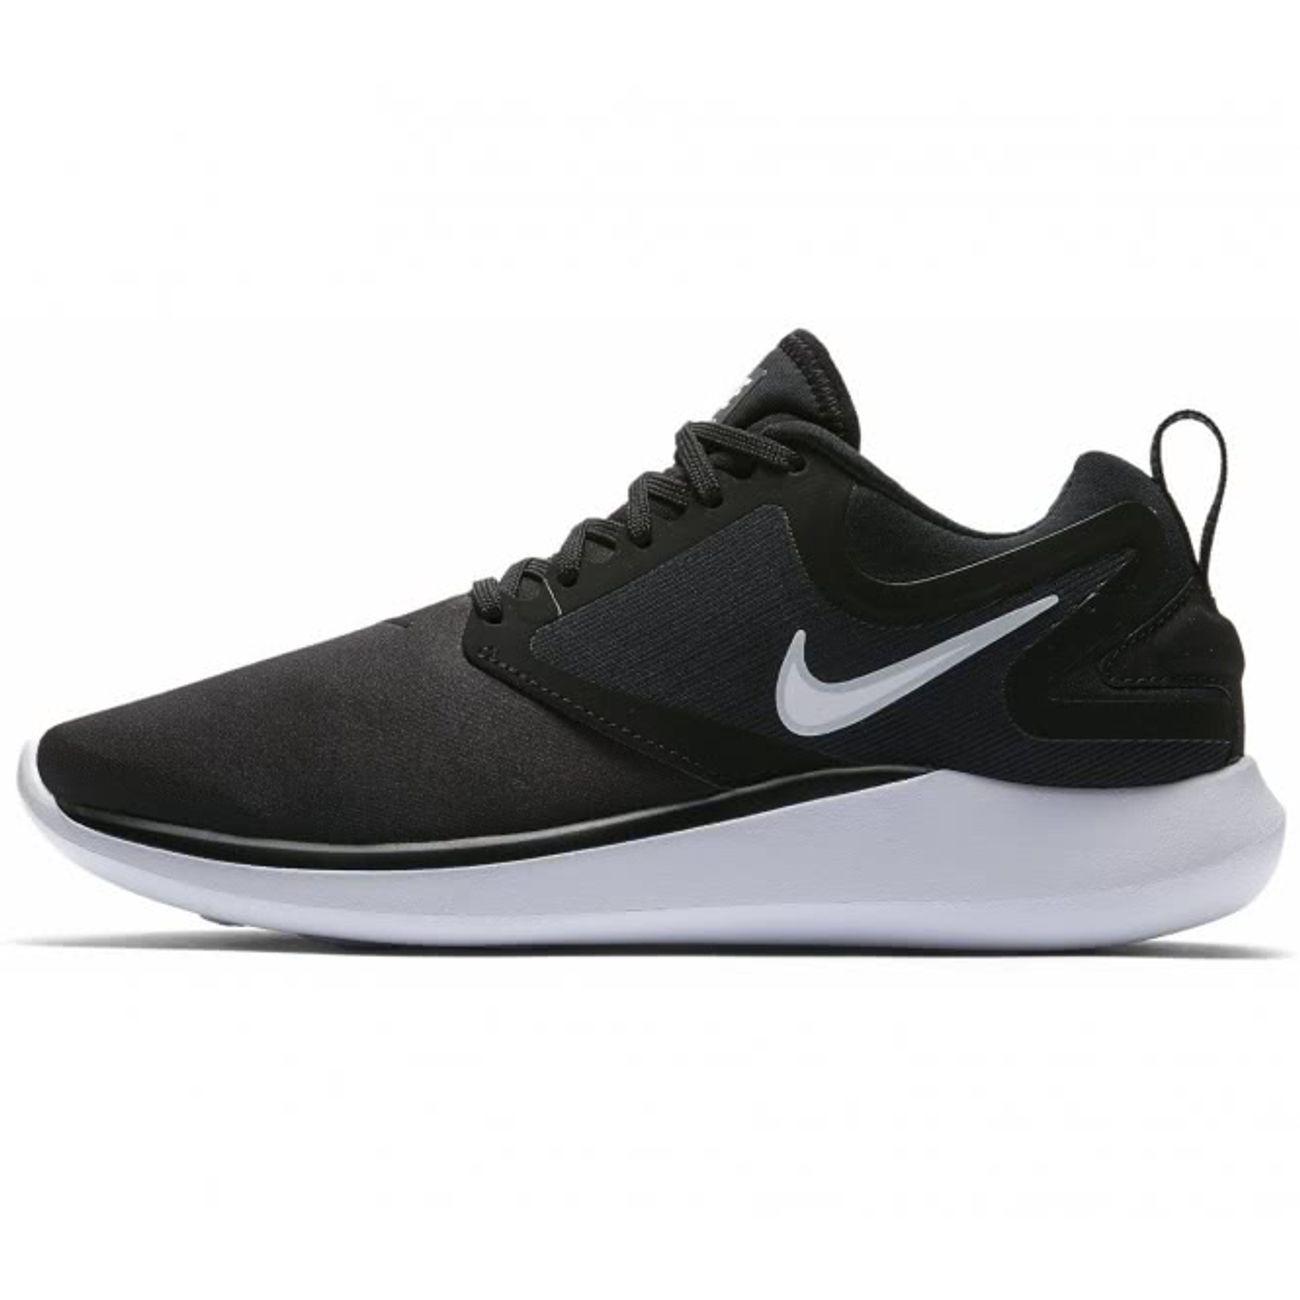 Nike - LunarSolo Femmes chaussure de course (noir/blanc ...